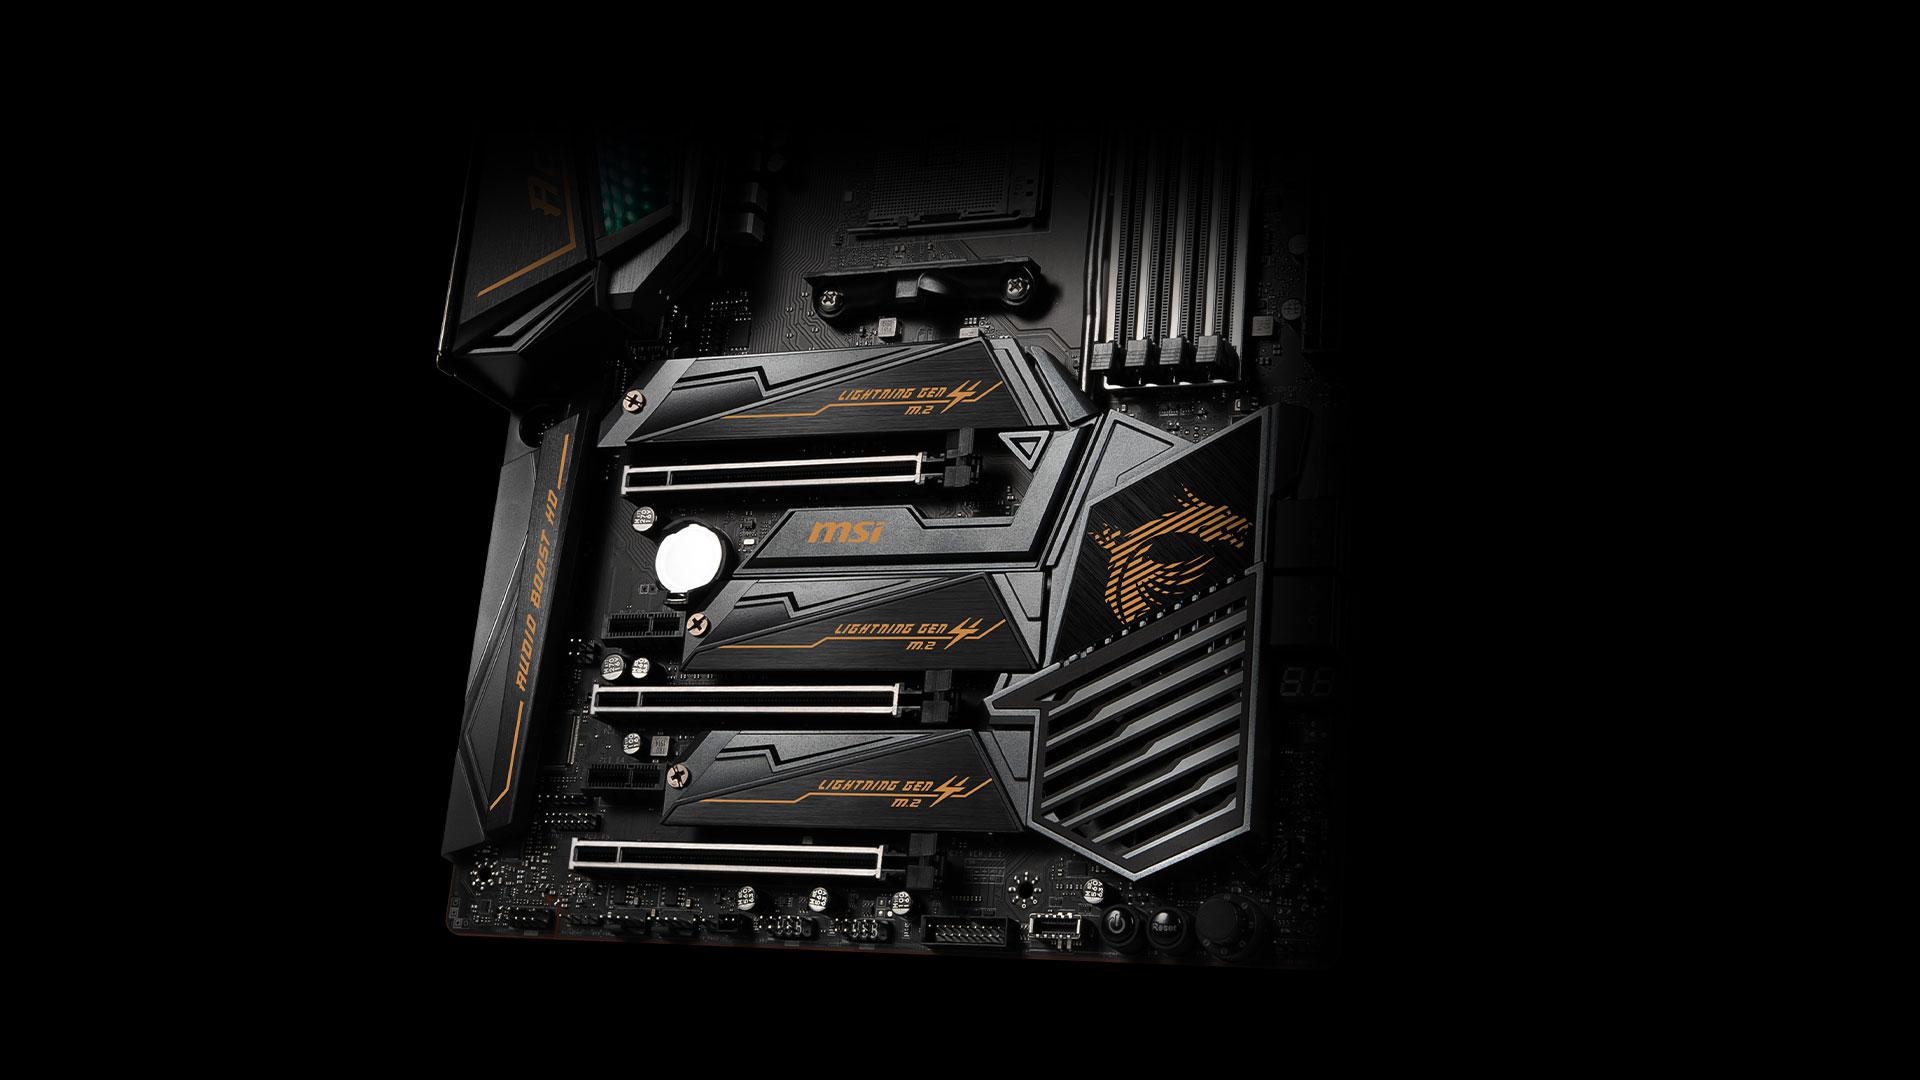 Все материнские платы MSI серии 400 (X470 и B450) поддерживают процессоры AMD Ryzen 5000